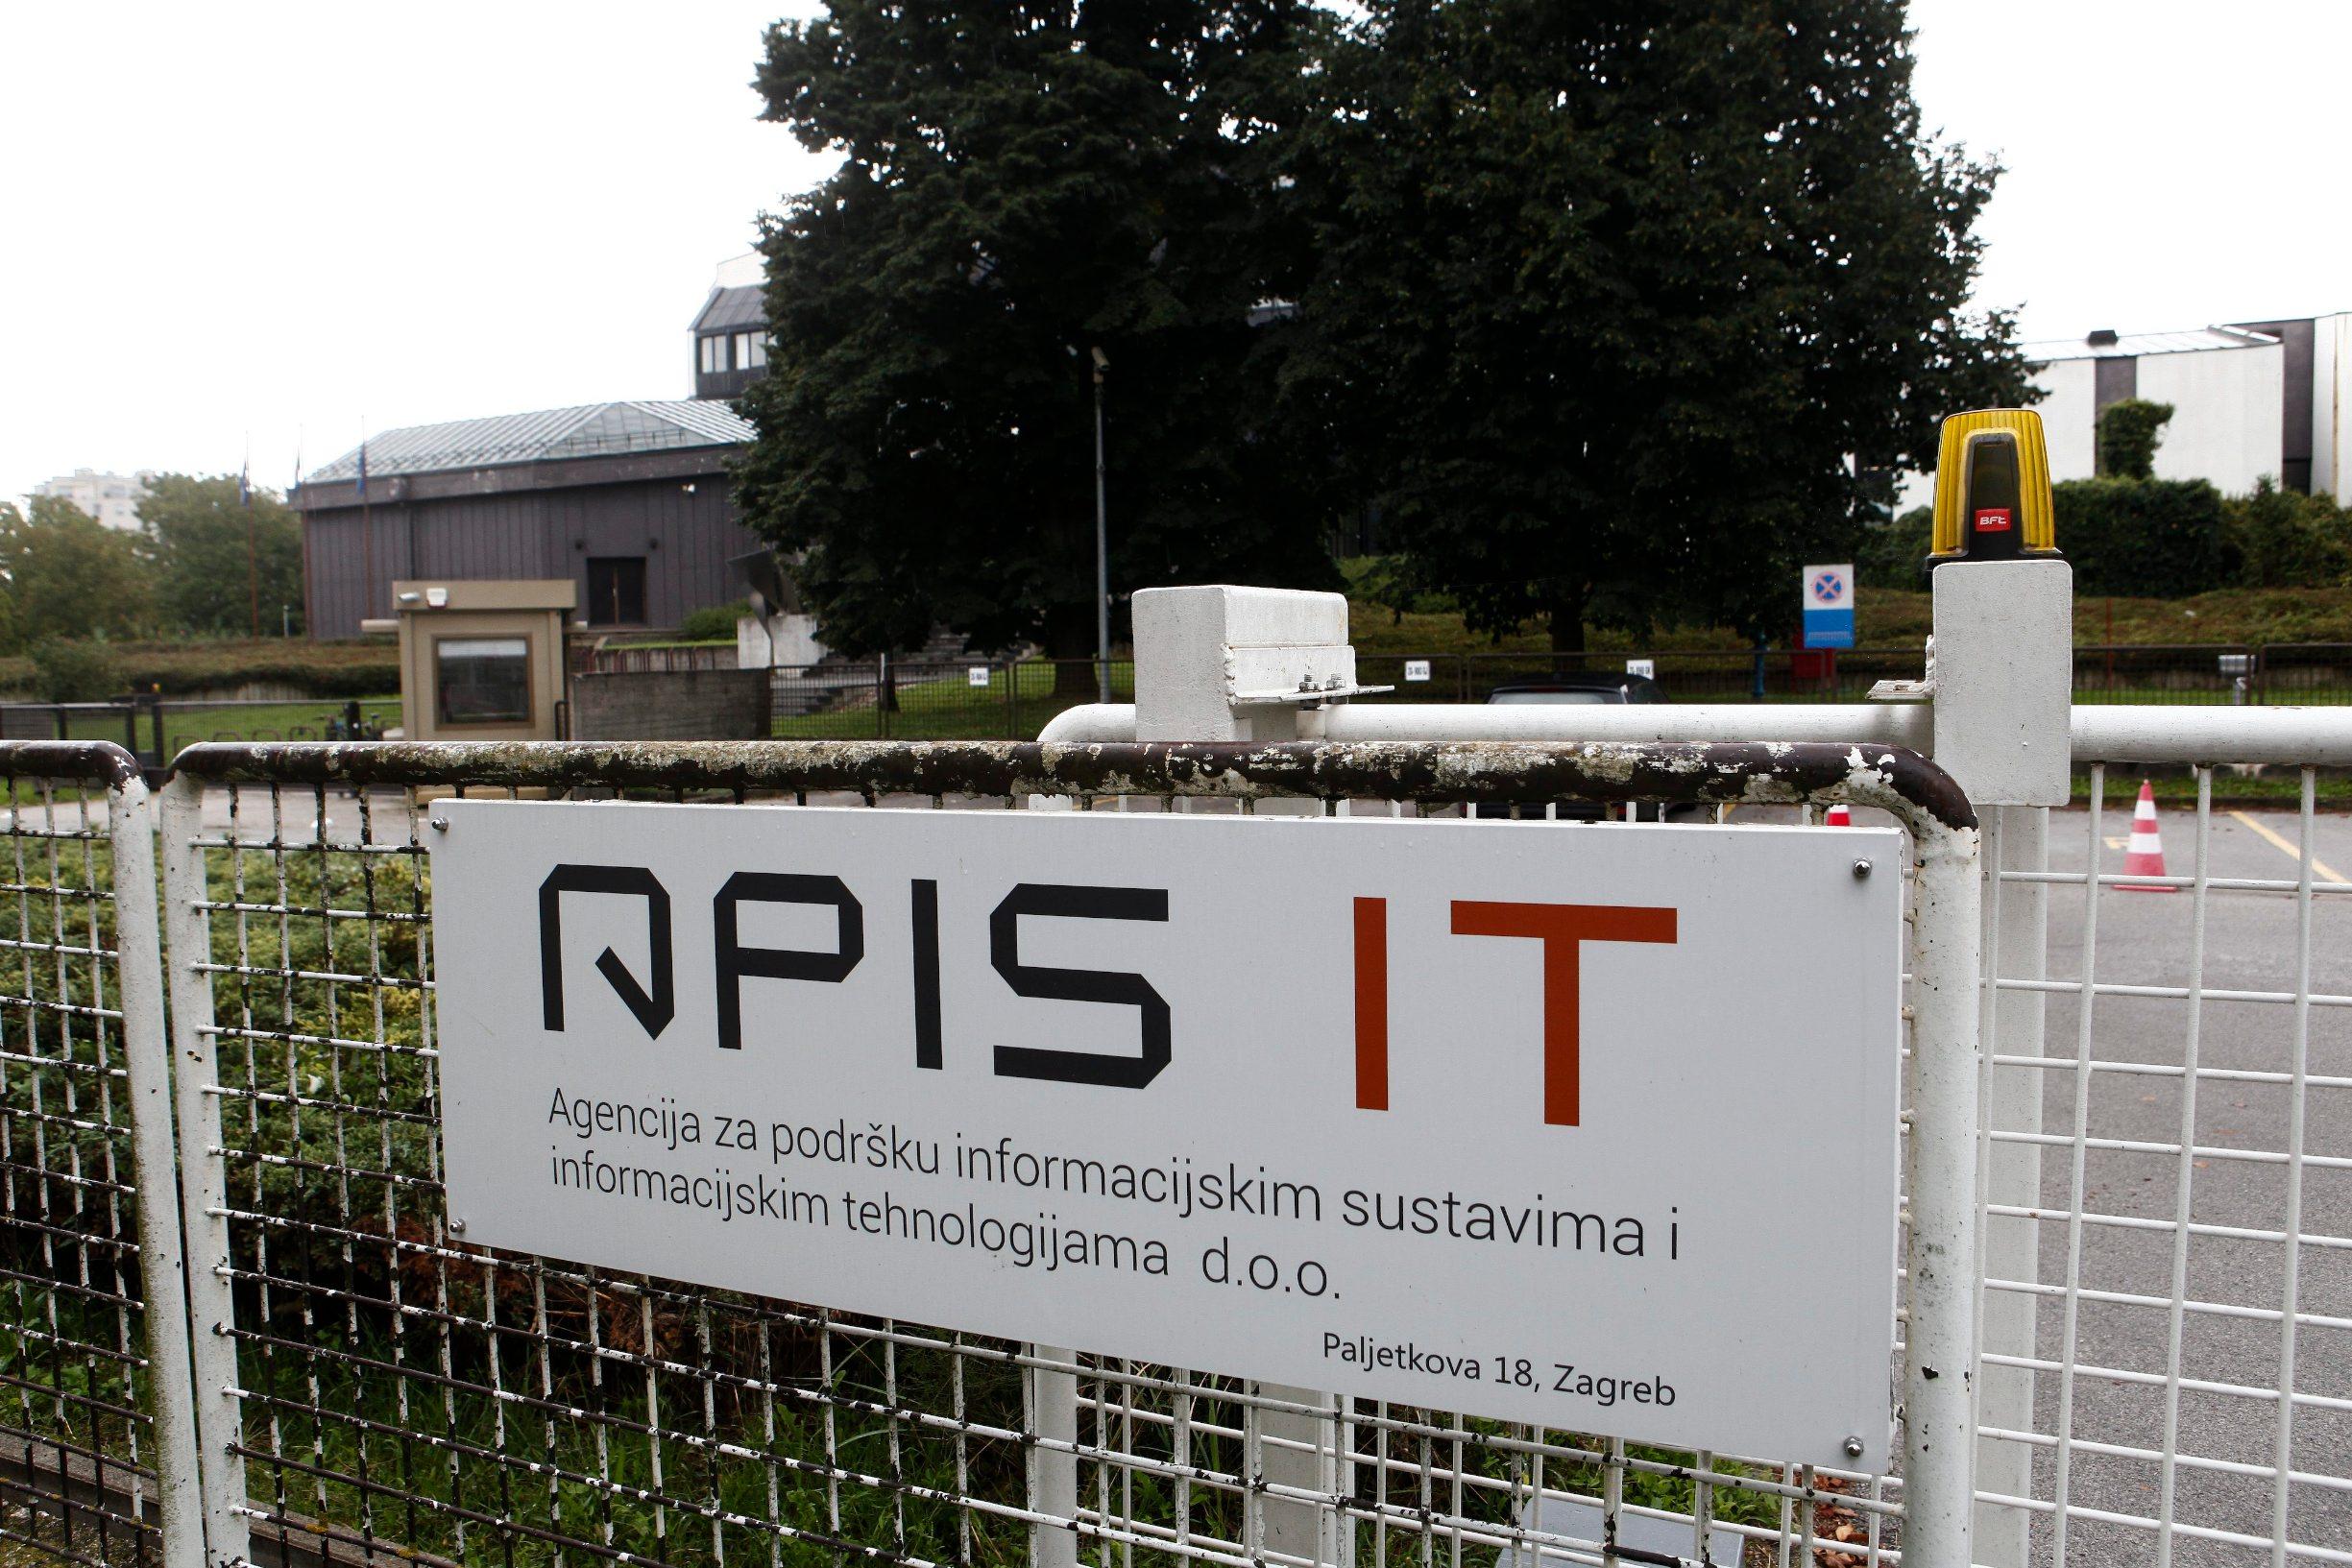 APIS IT